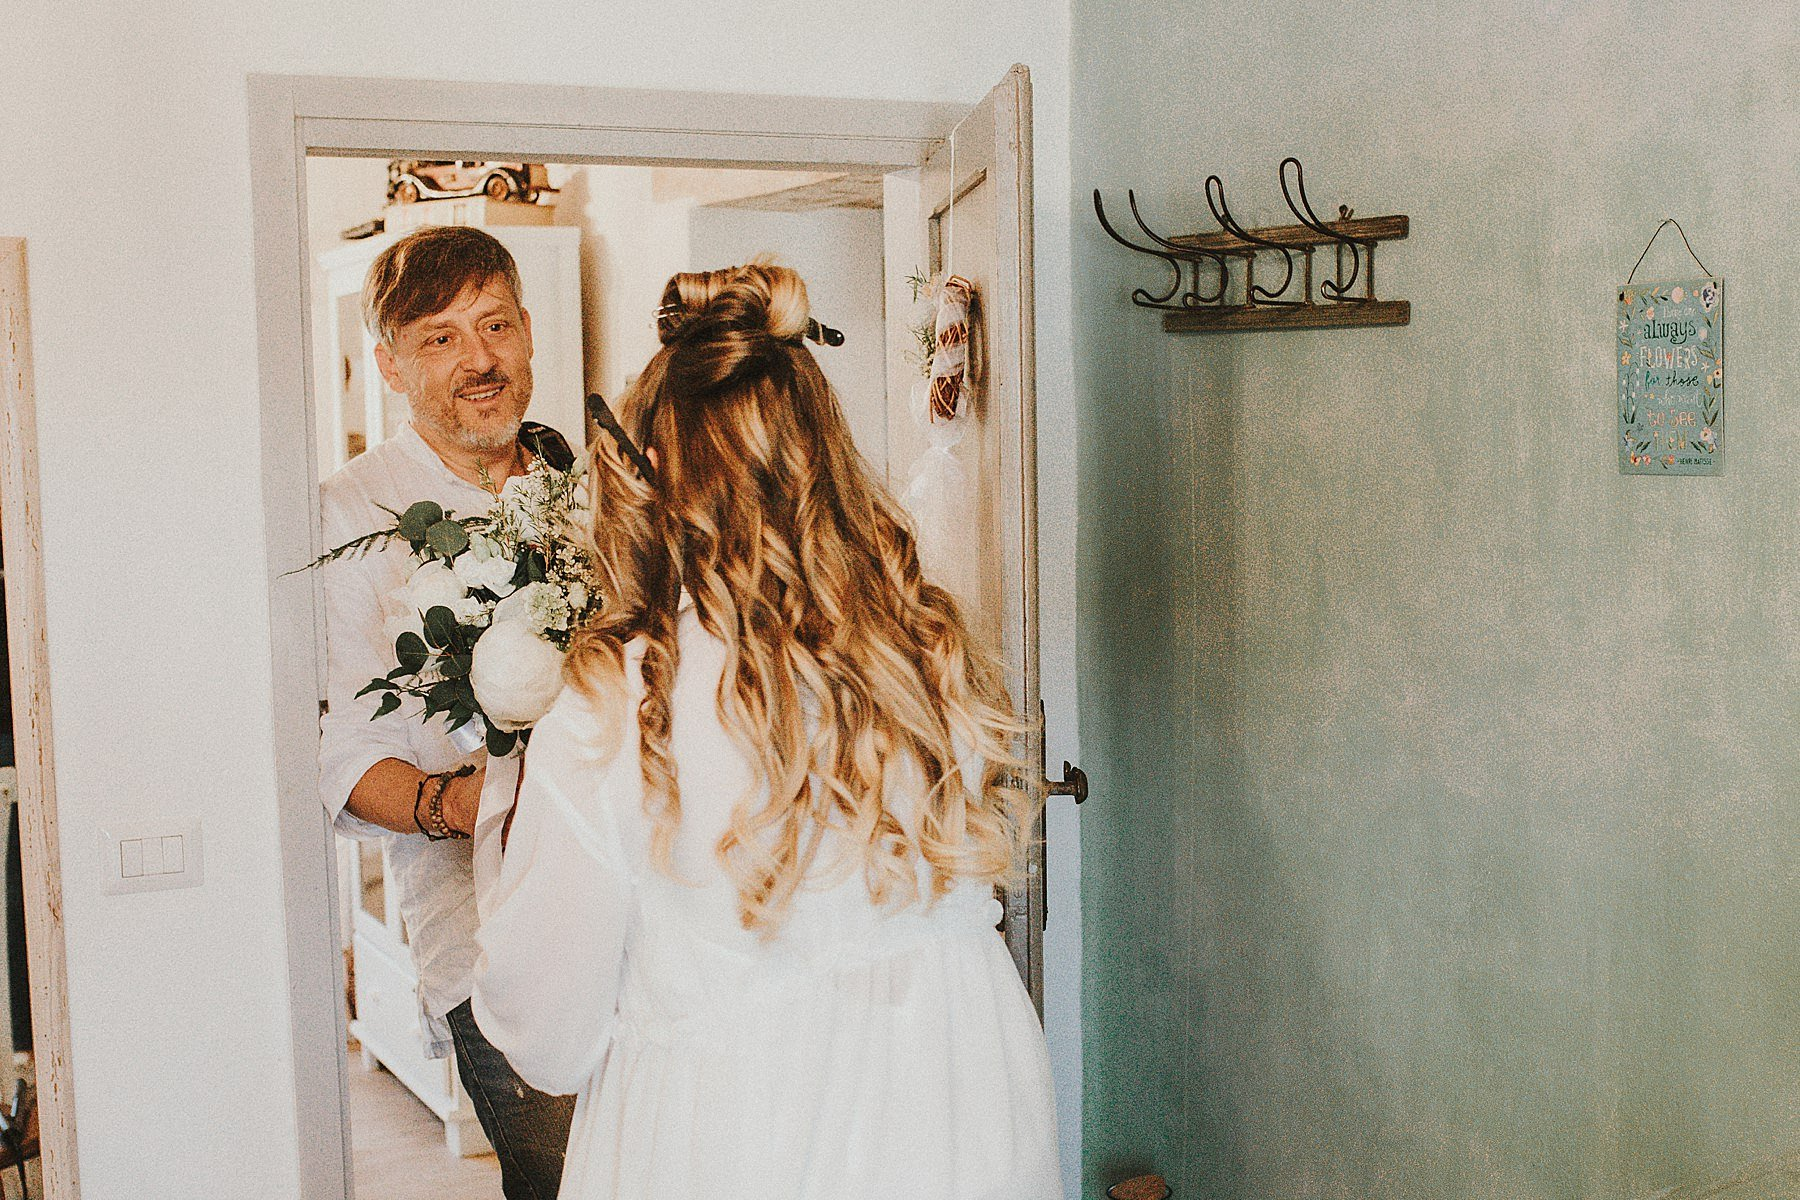 babbo sposa preparazione